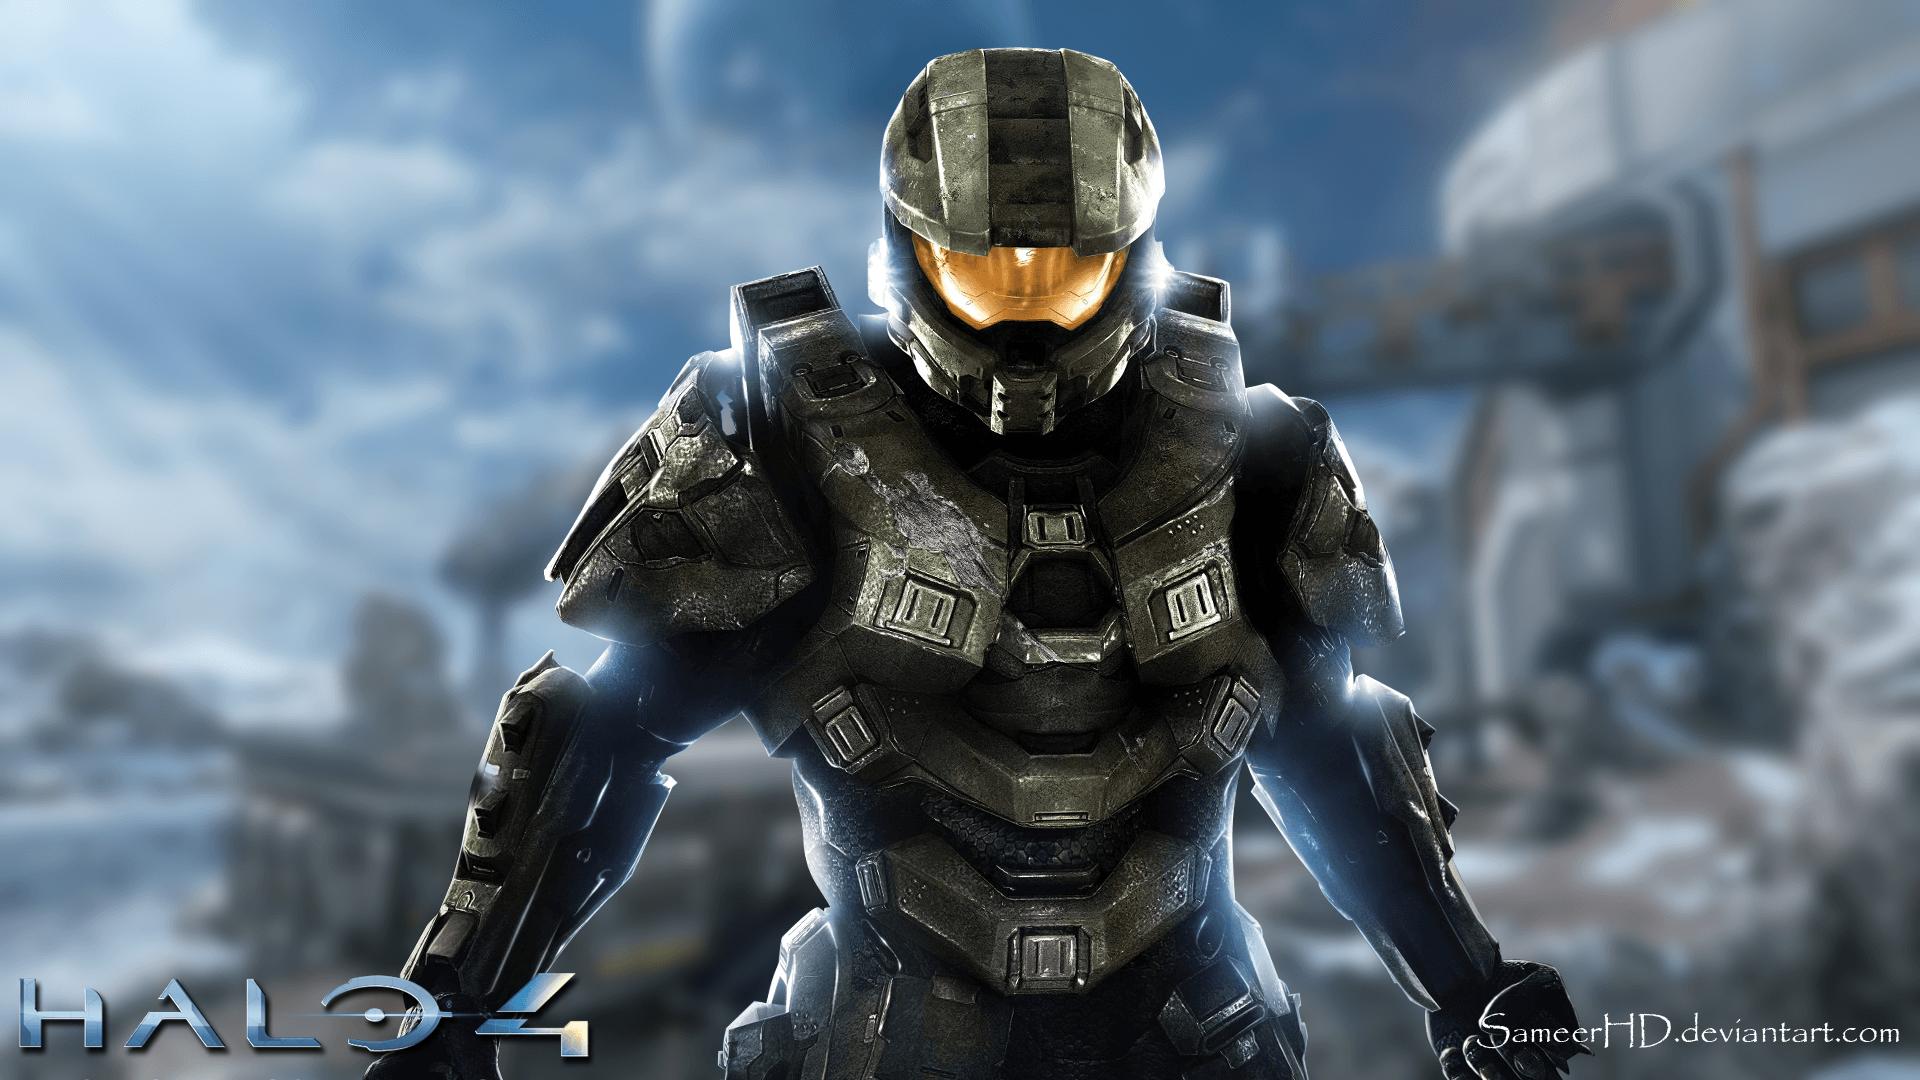 φωτοσυμπαίκτη Halo 4 EP 1 Αυστραλιανό πολιτισμό γνωριμιών